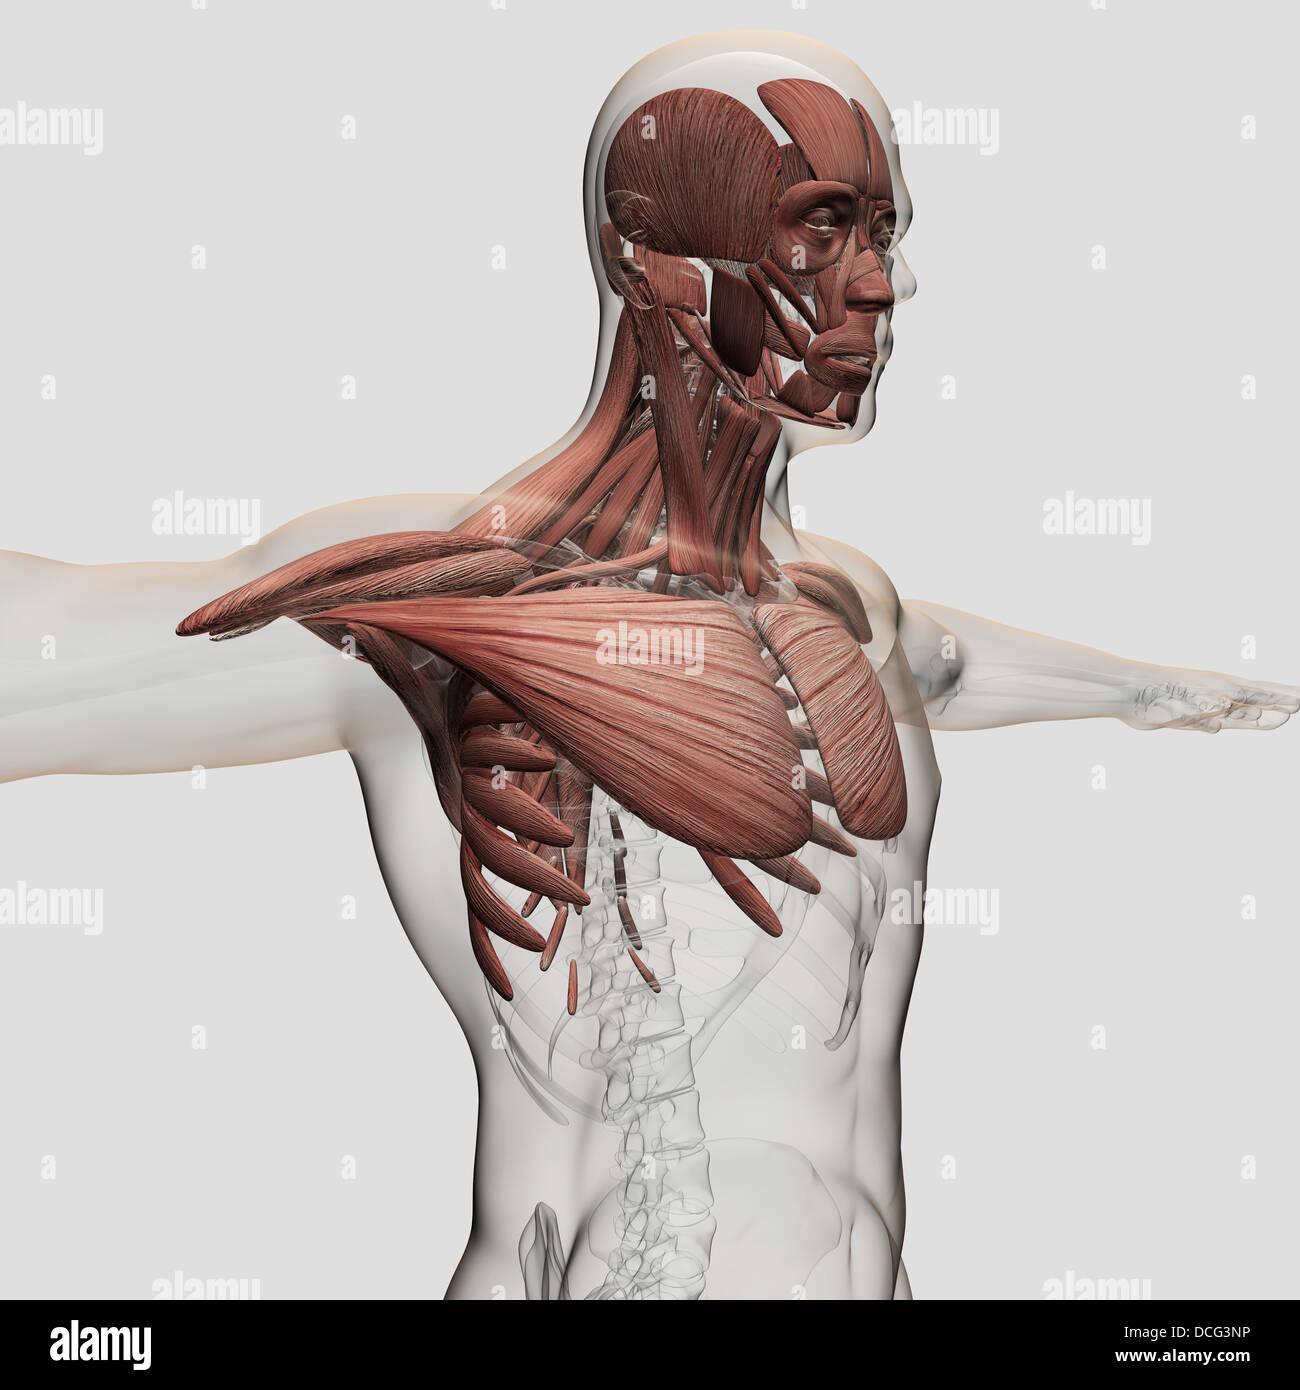 Anatomie des männlichen Muskeln im Oberkörper, Ansicht von ventral. Stockbild